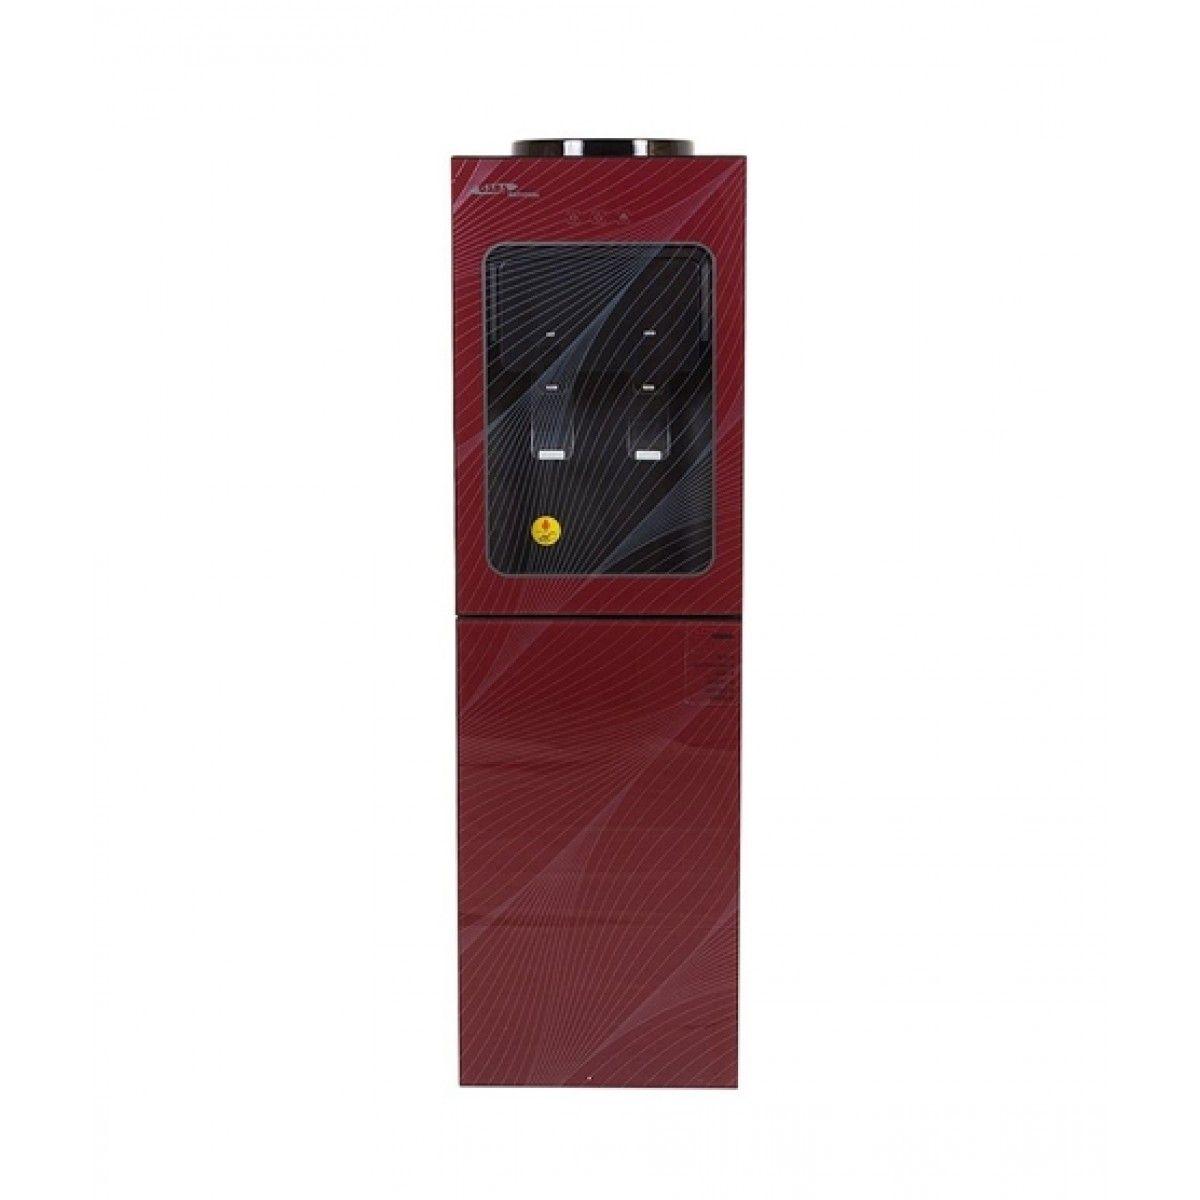 Gaba National GNW-2417 Water Dispenser